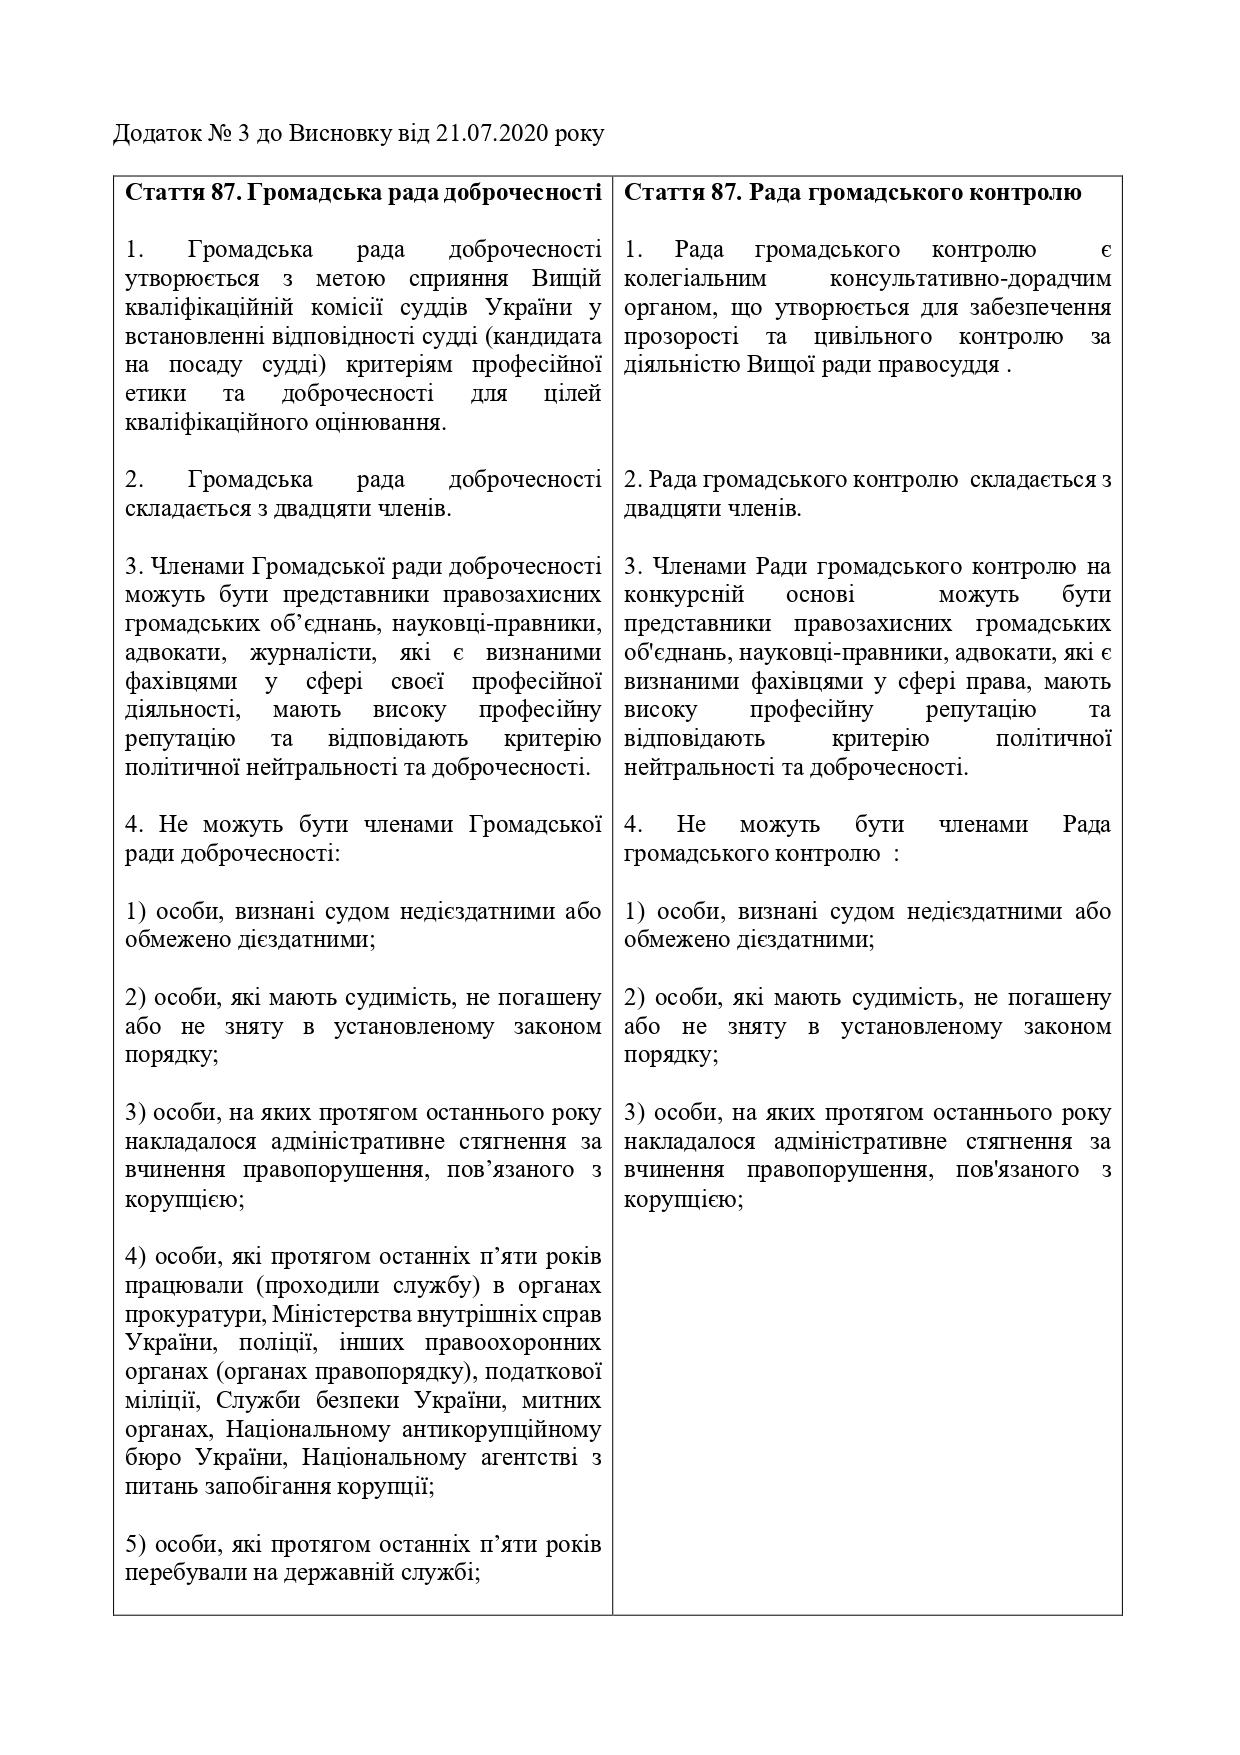 Висновок-АРССУ-щодо-№ 3534-21.07.2020_page-0021